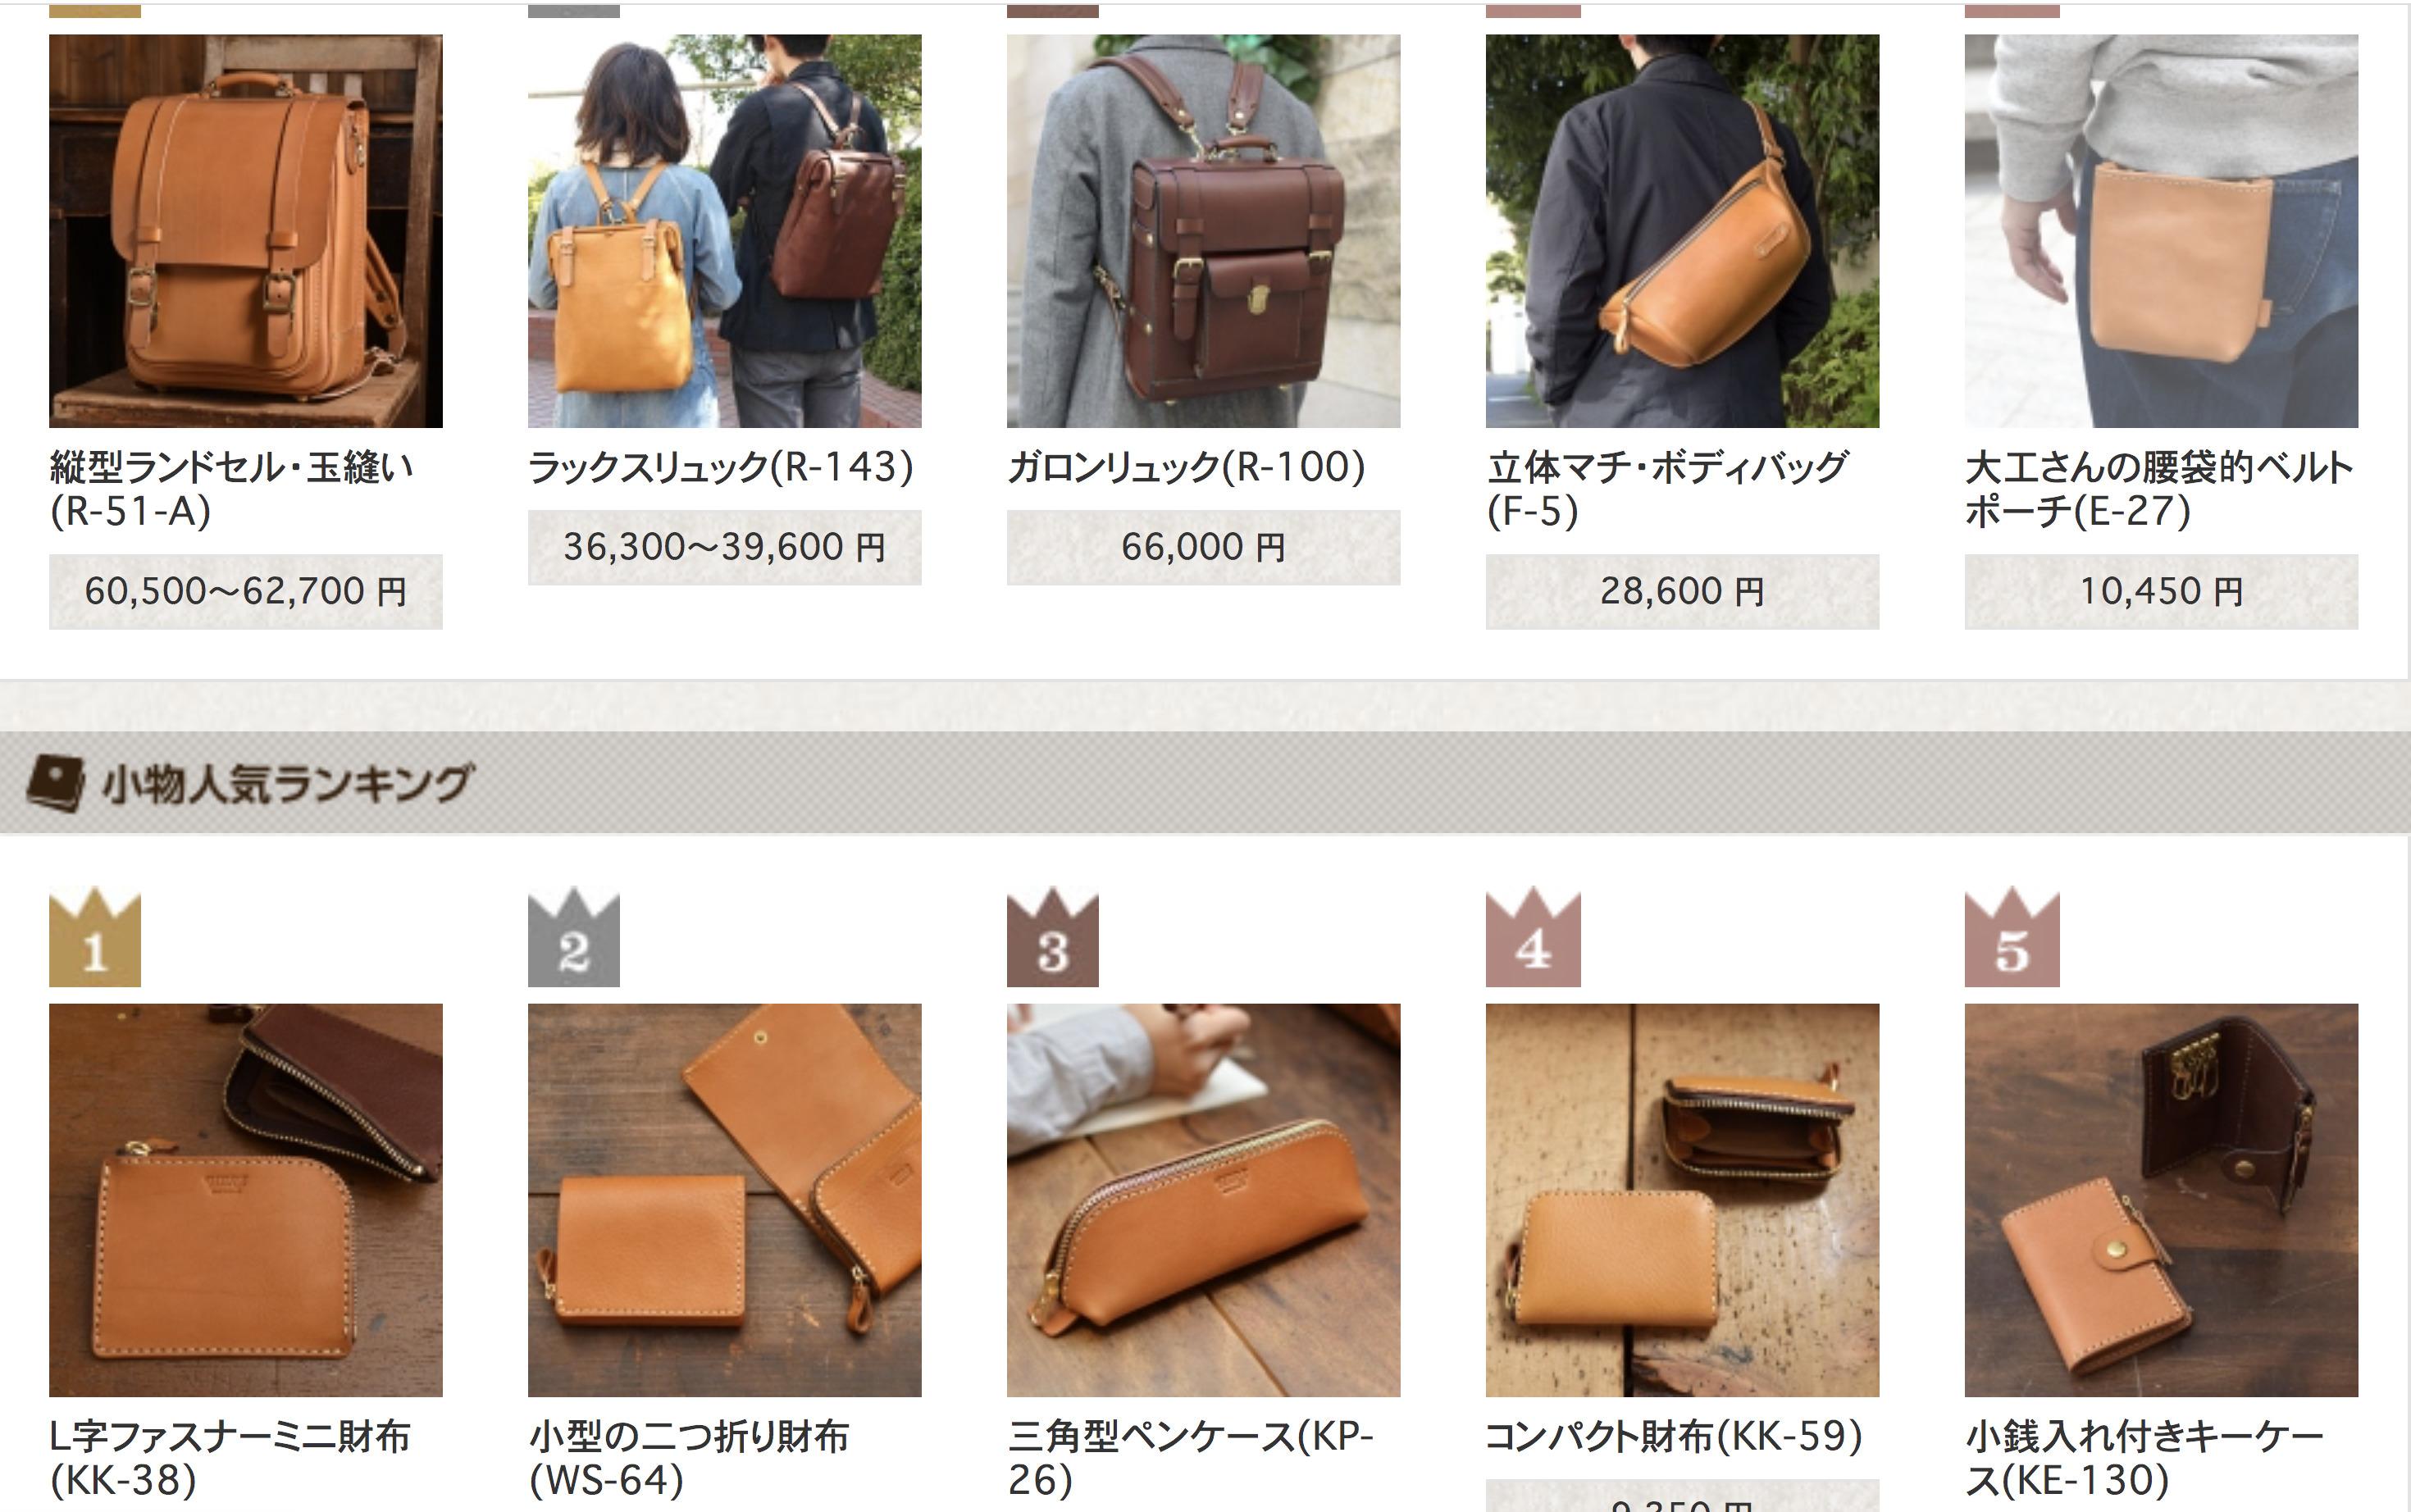 鞄・レザーバッグの革製品工房「革鞄のHERZ(ヘルツ)公式通販」